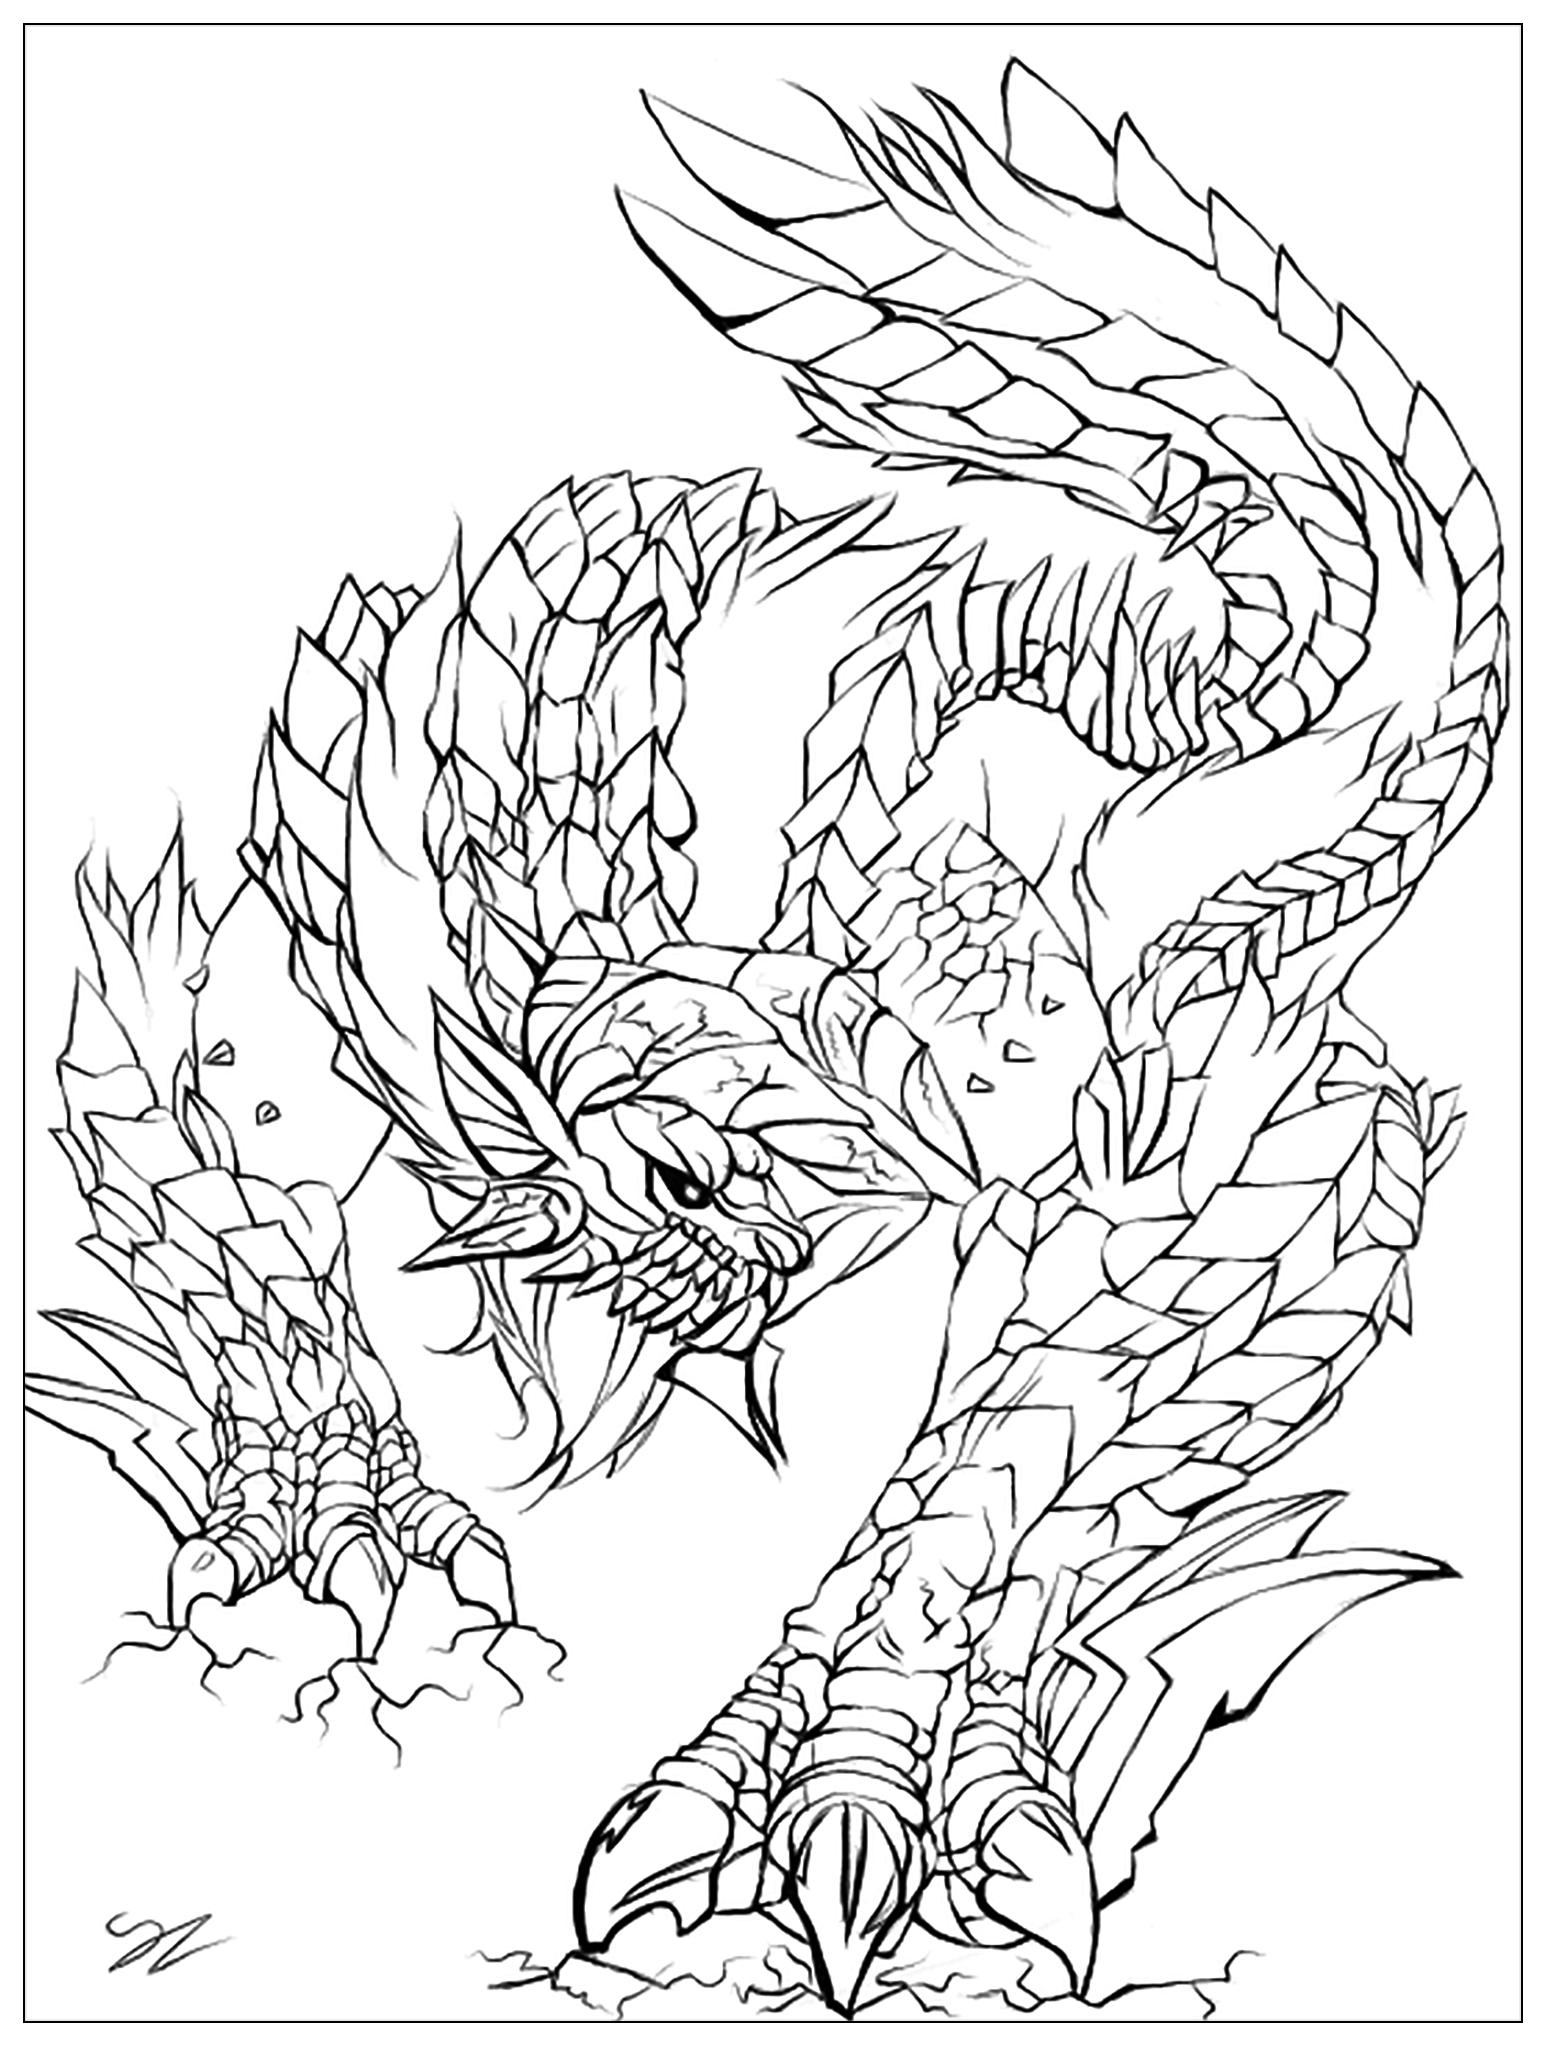 Coloriage d'un monstre alias le Zinogre du jeu Monster Hunter